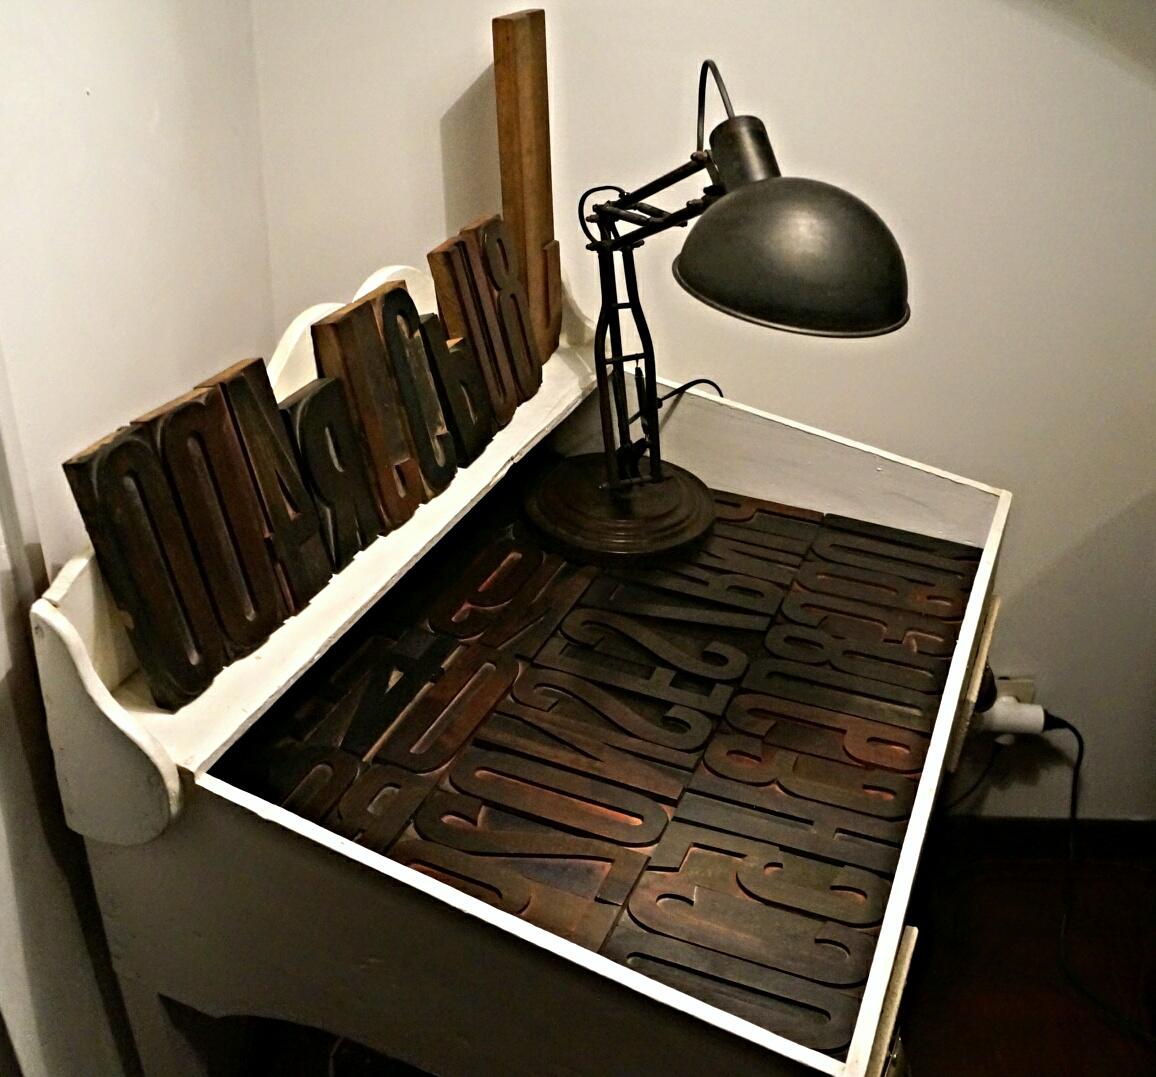 Lettre d imprimerie bouillon de peinture for Plans d imprimerie